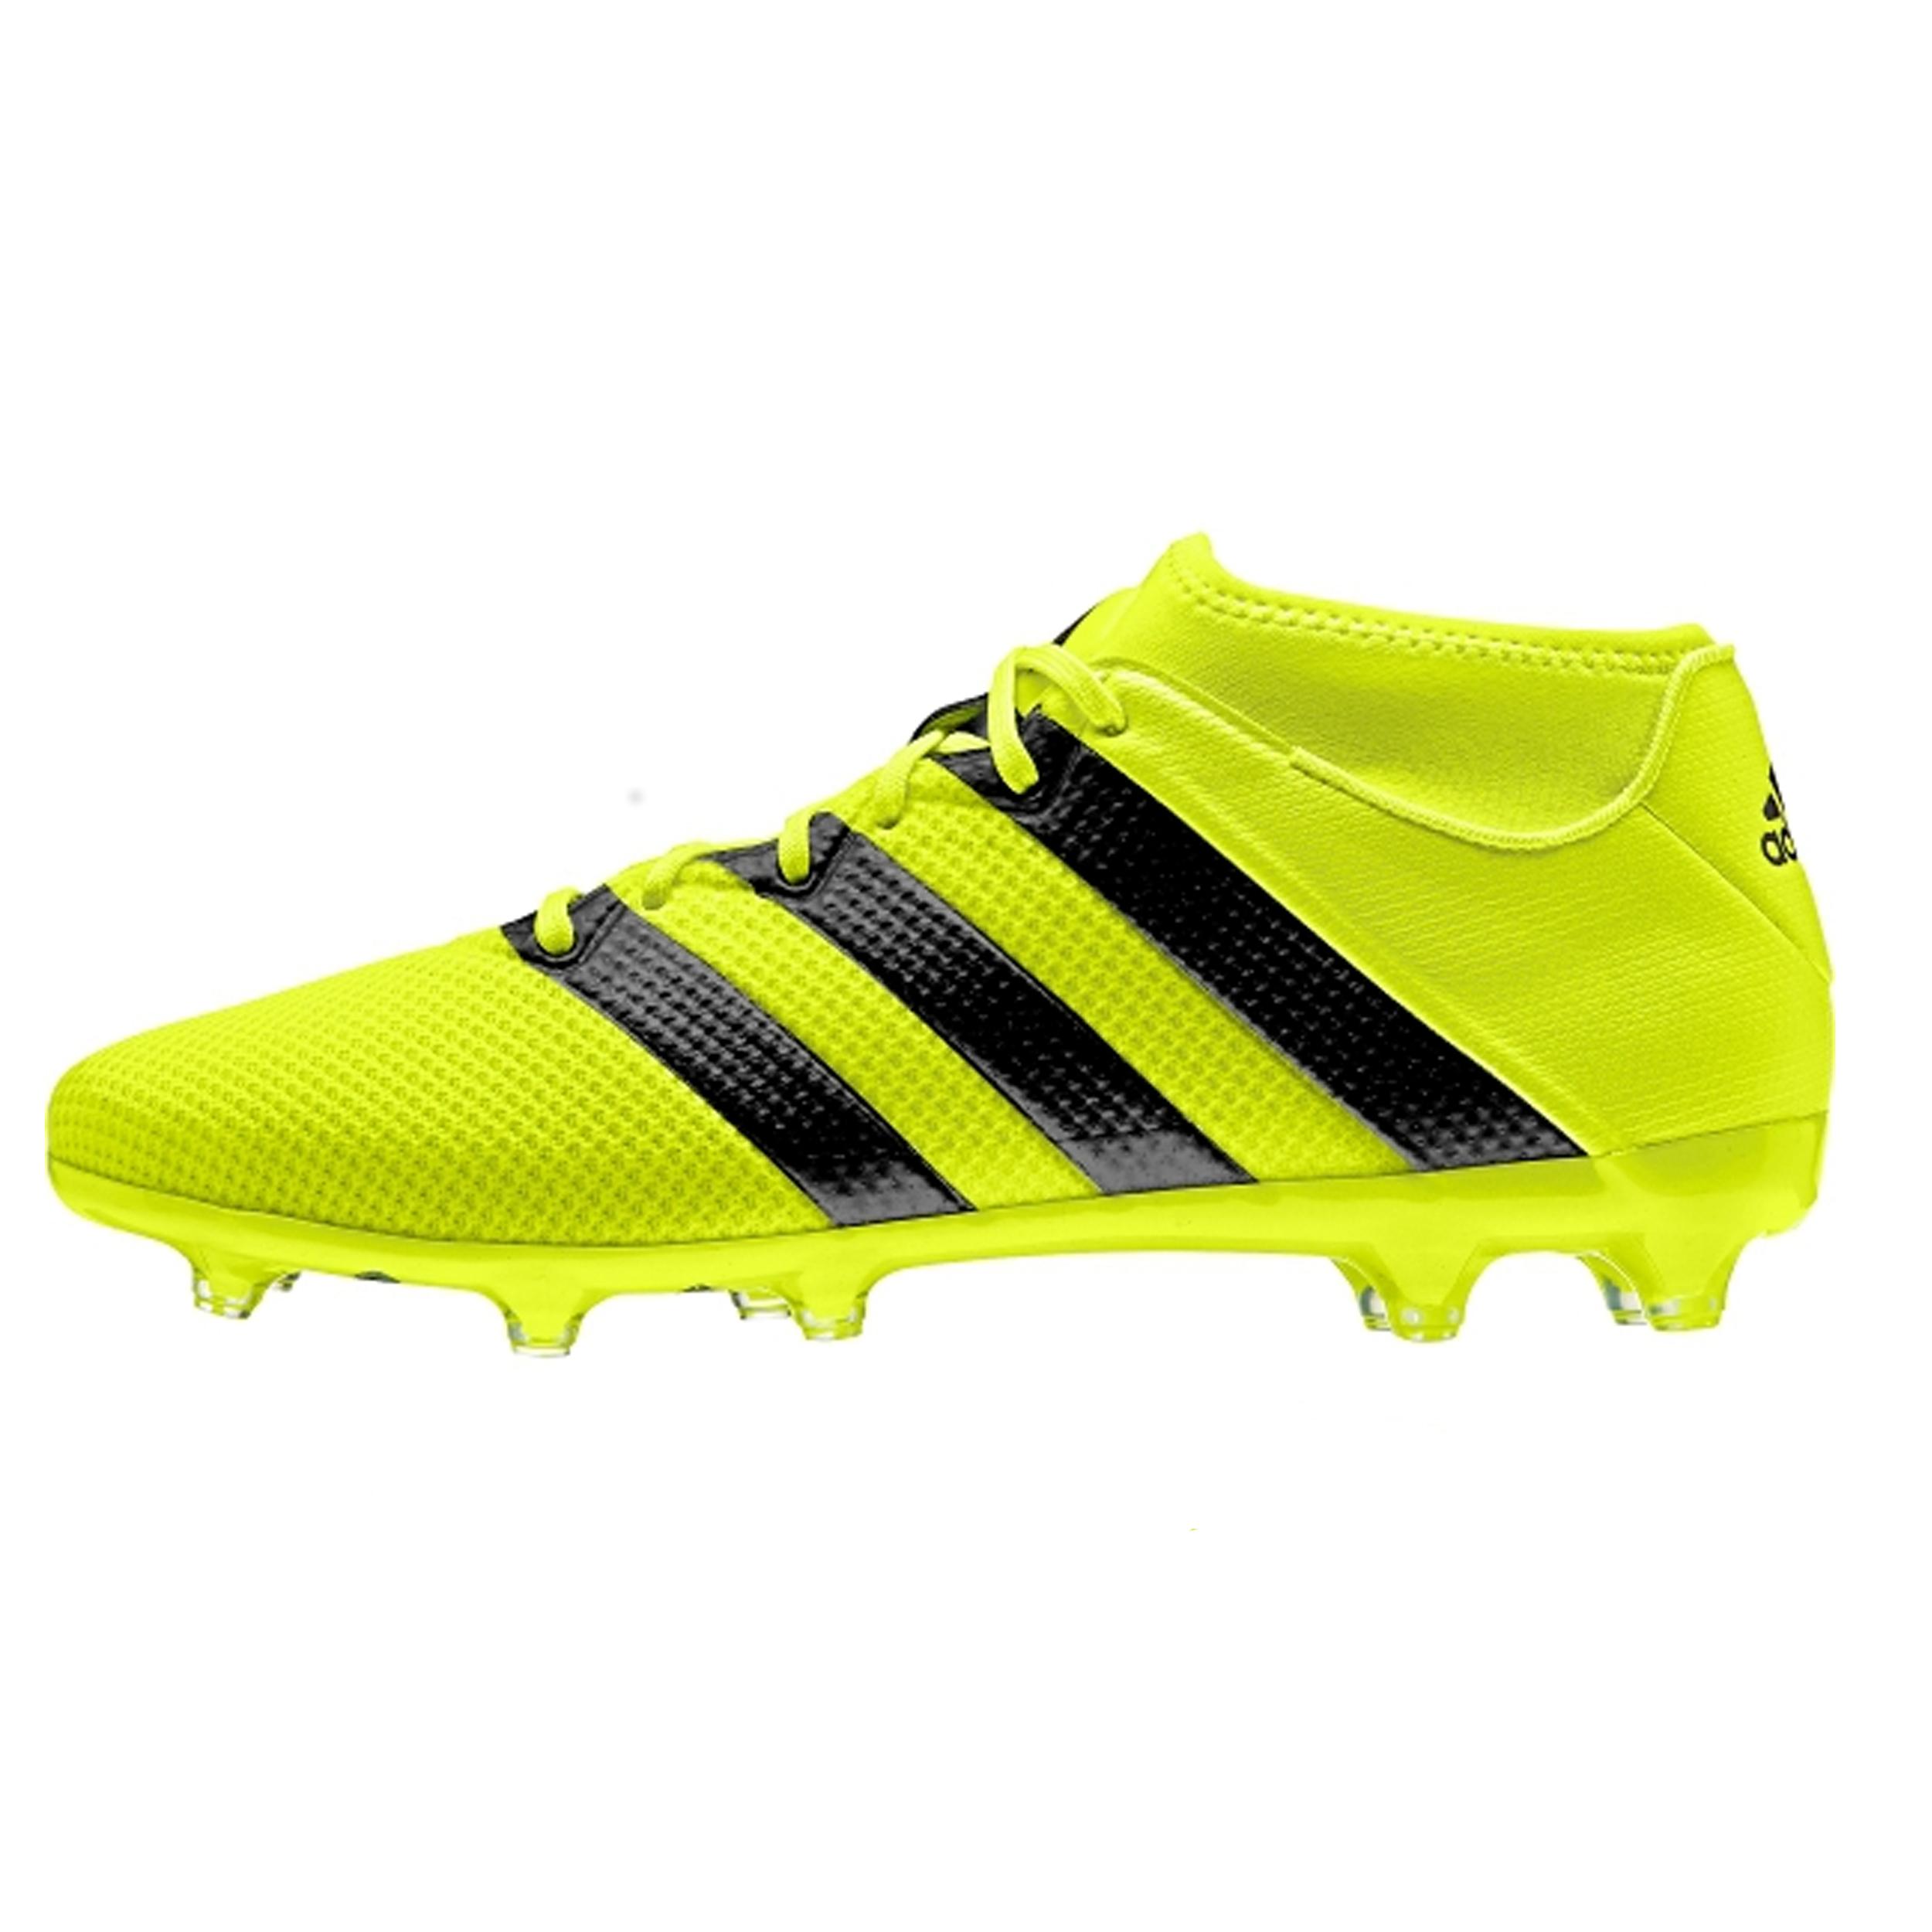 کفش مخصوص فوتبال مردانه آدیداس مدل AQ3450